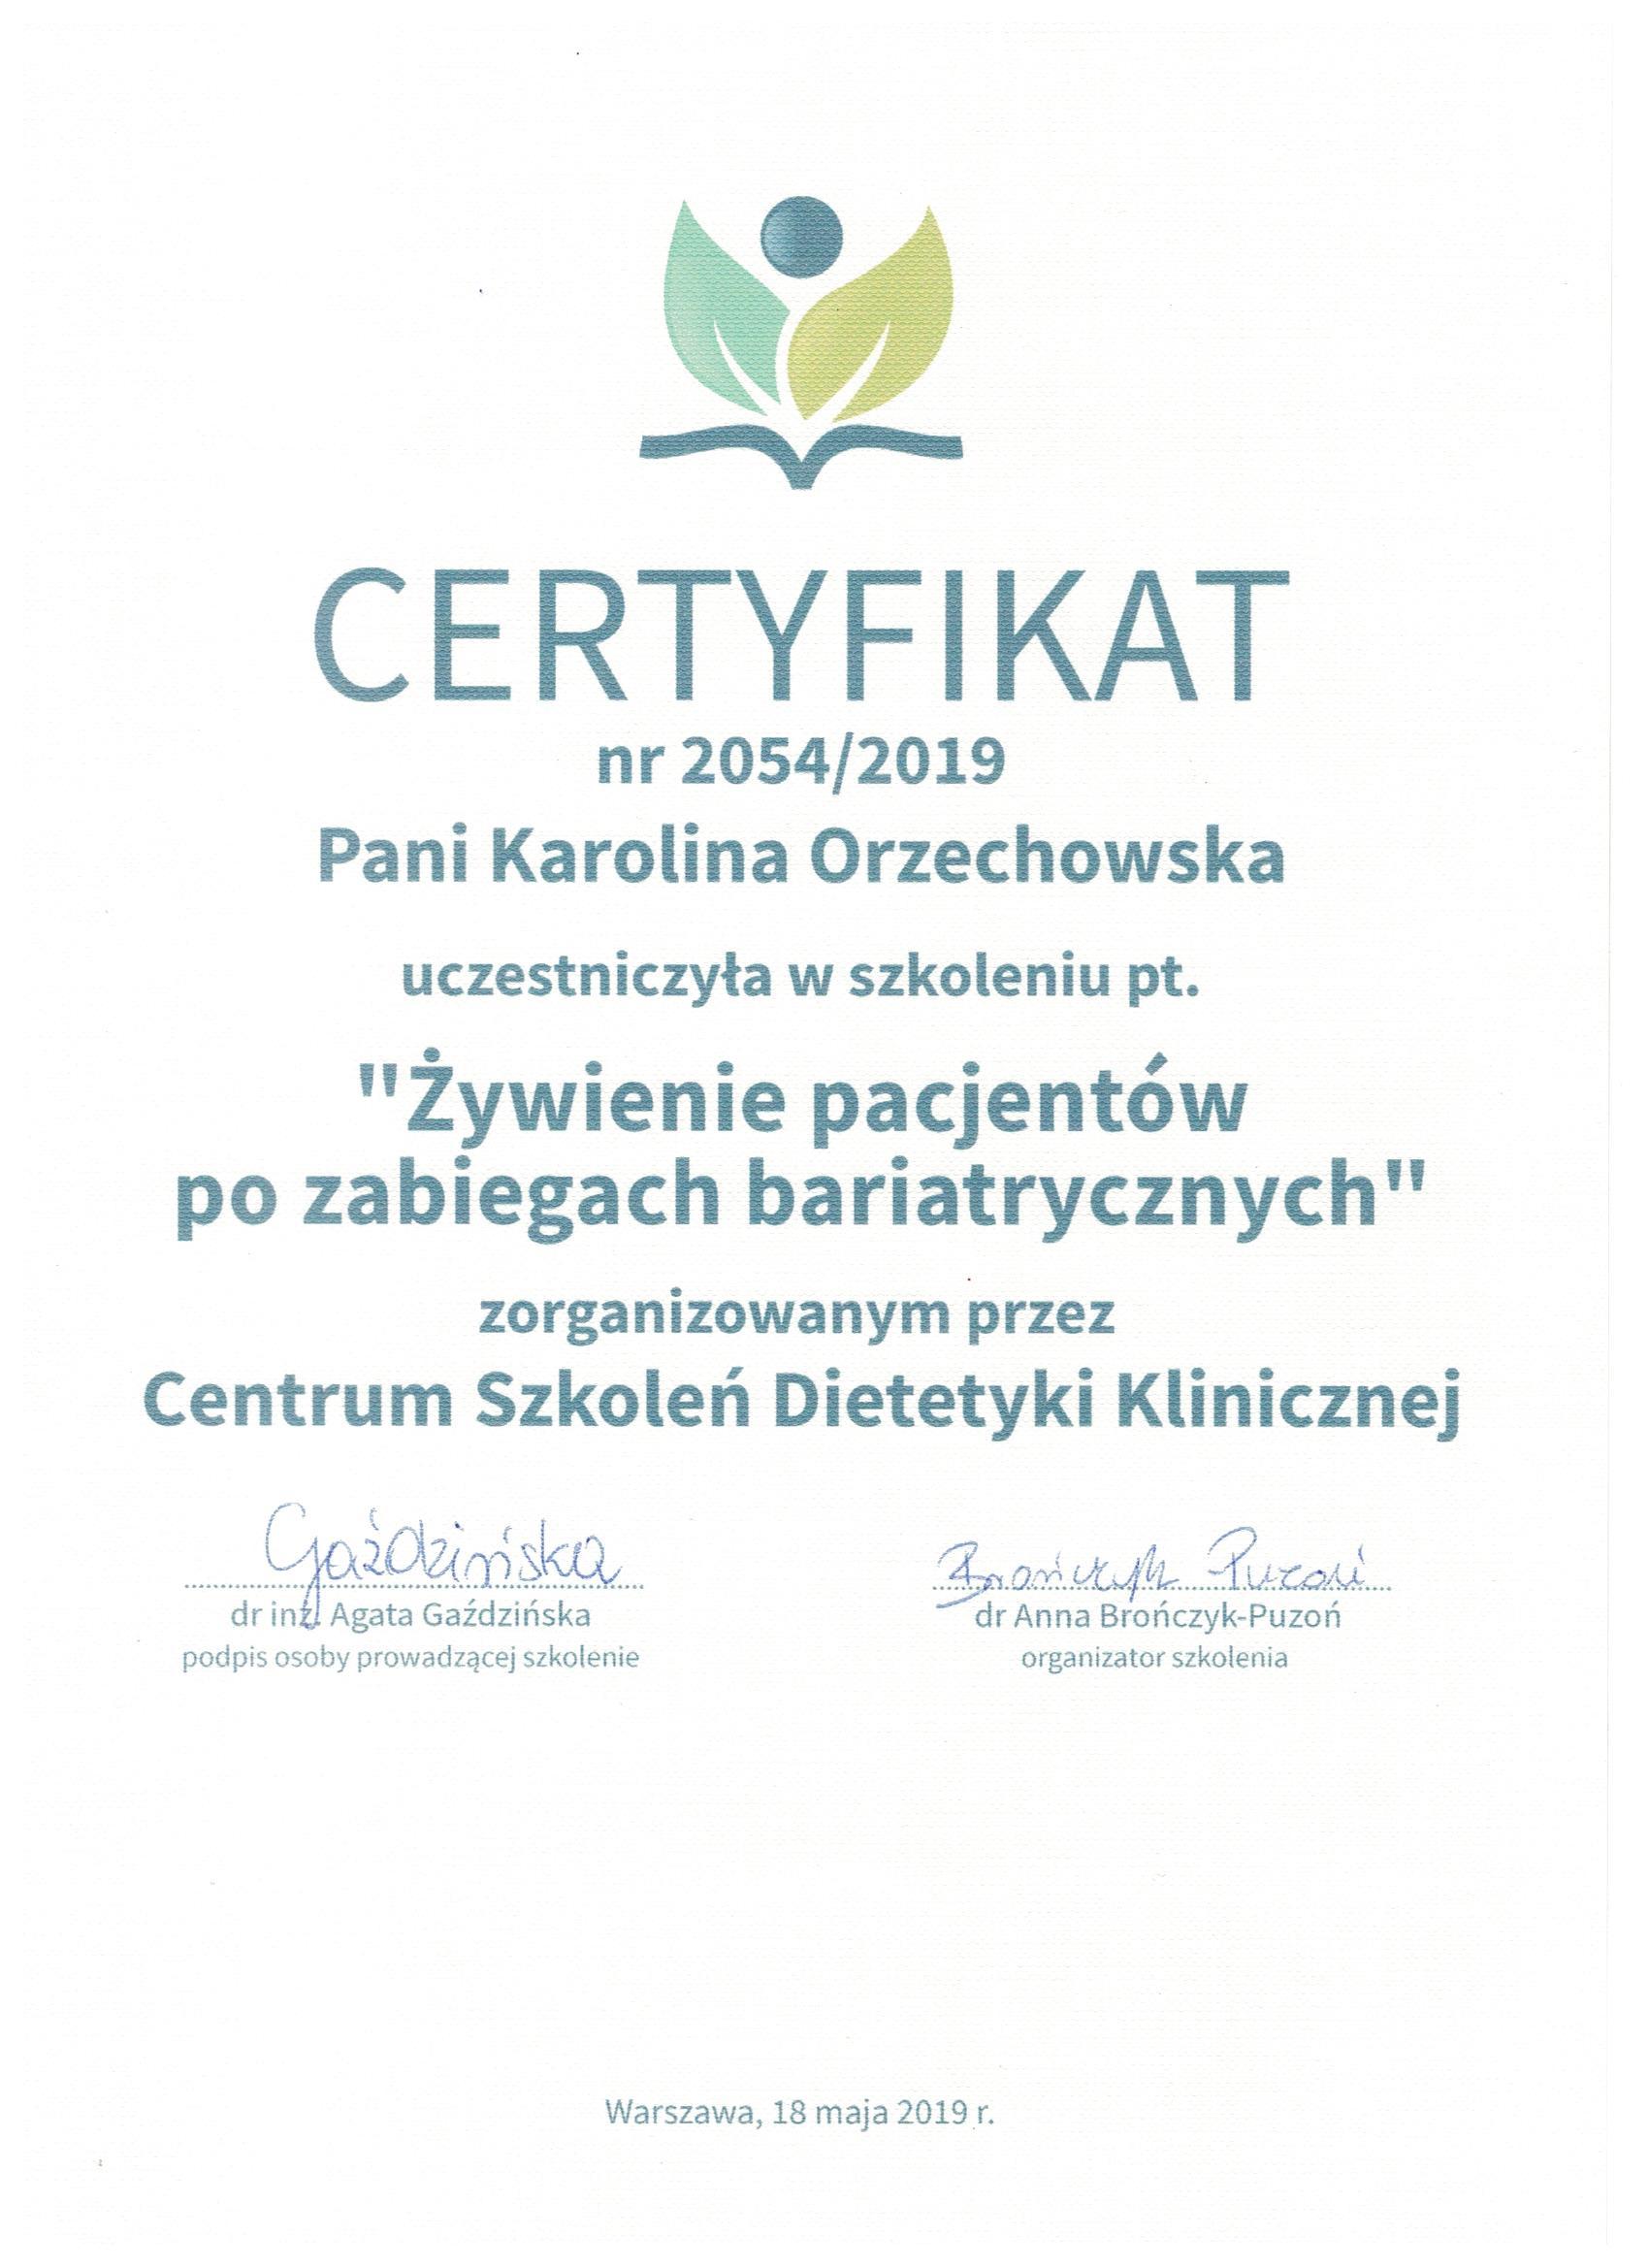 Żywienie po zabiegach bariatrycznych - certyfikat